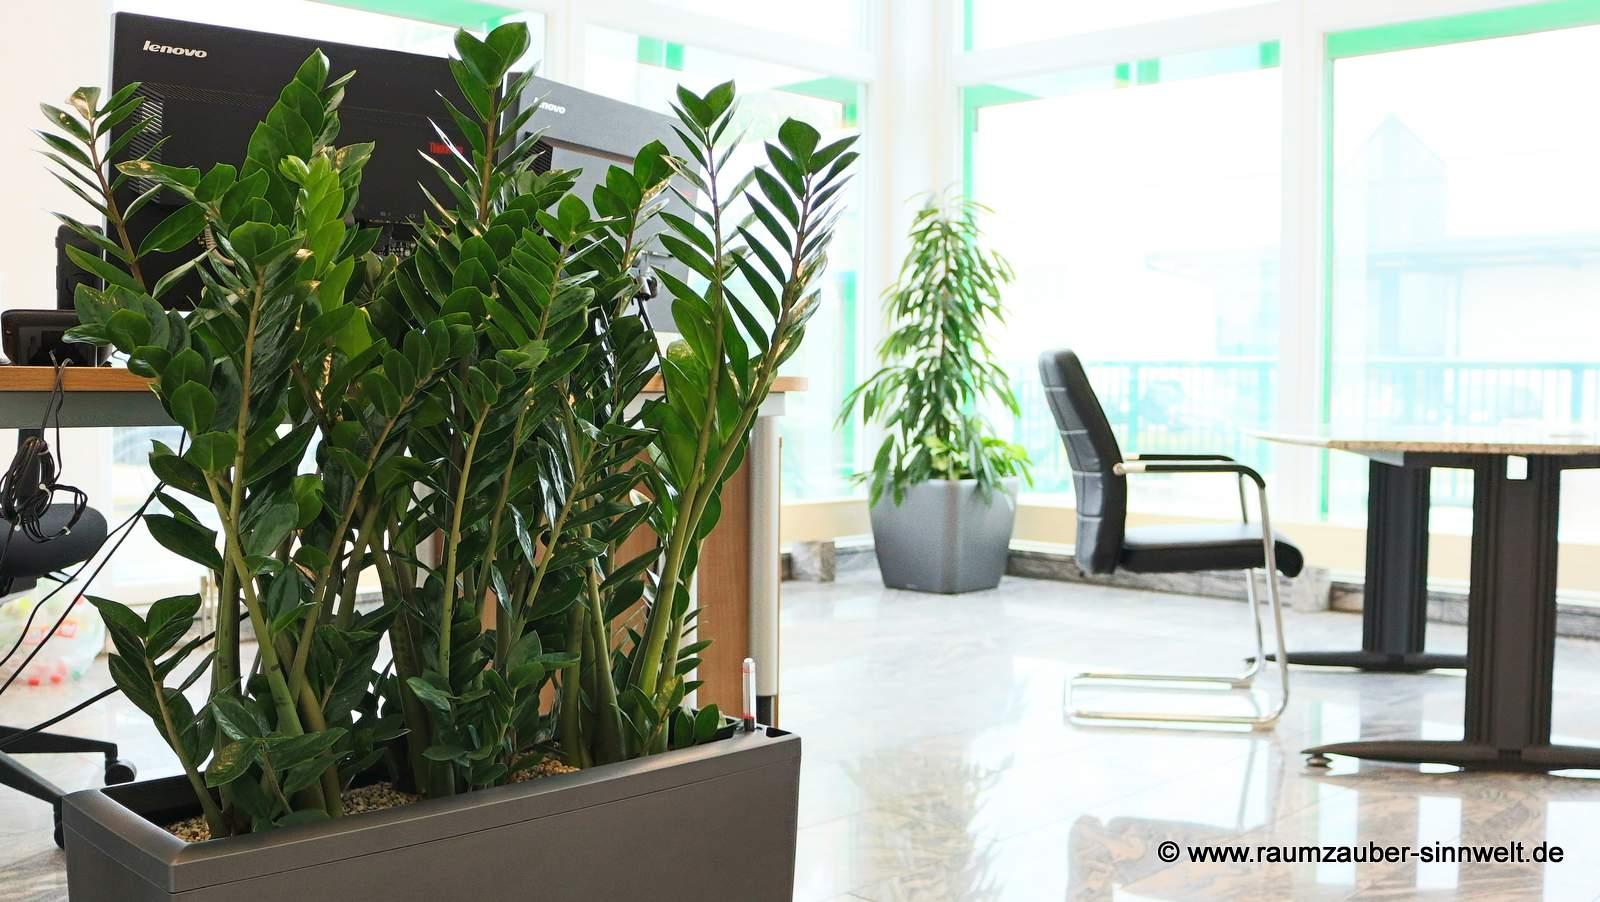 Zamioculcas im Vordergrund, Ficus alii im Hintergrund